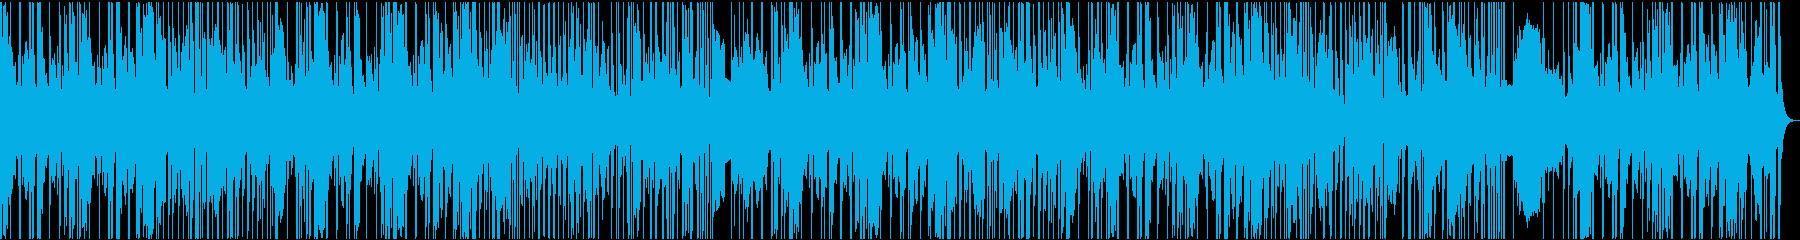 けだるいベースのFunk系BGMの再生済みの波形